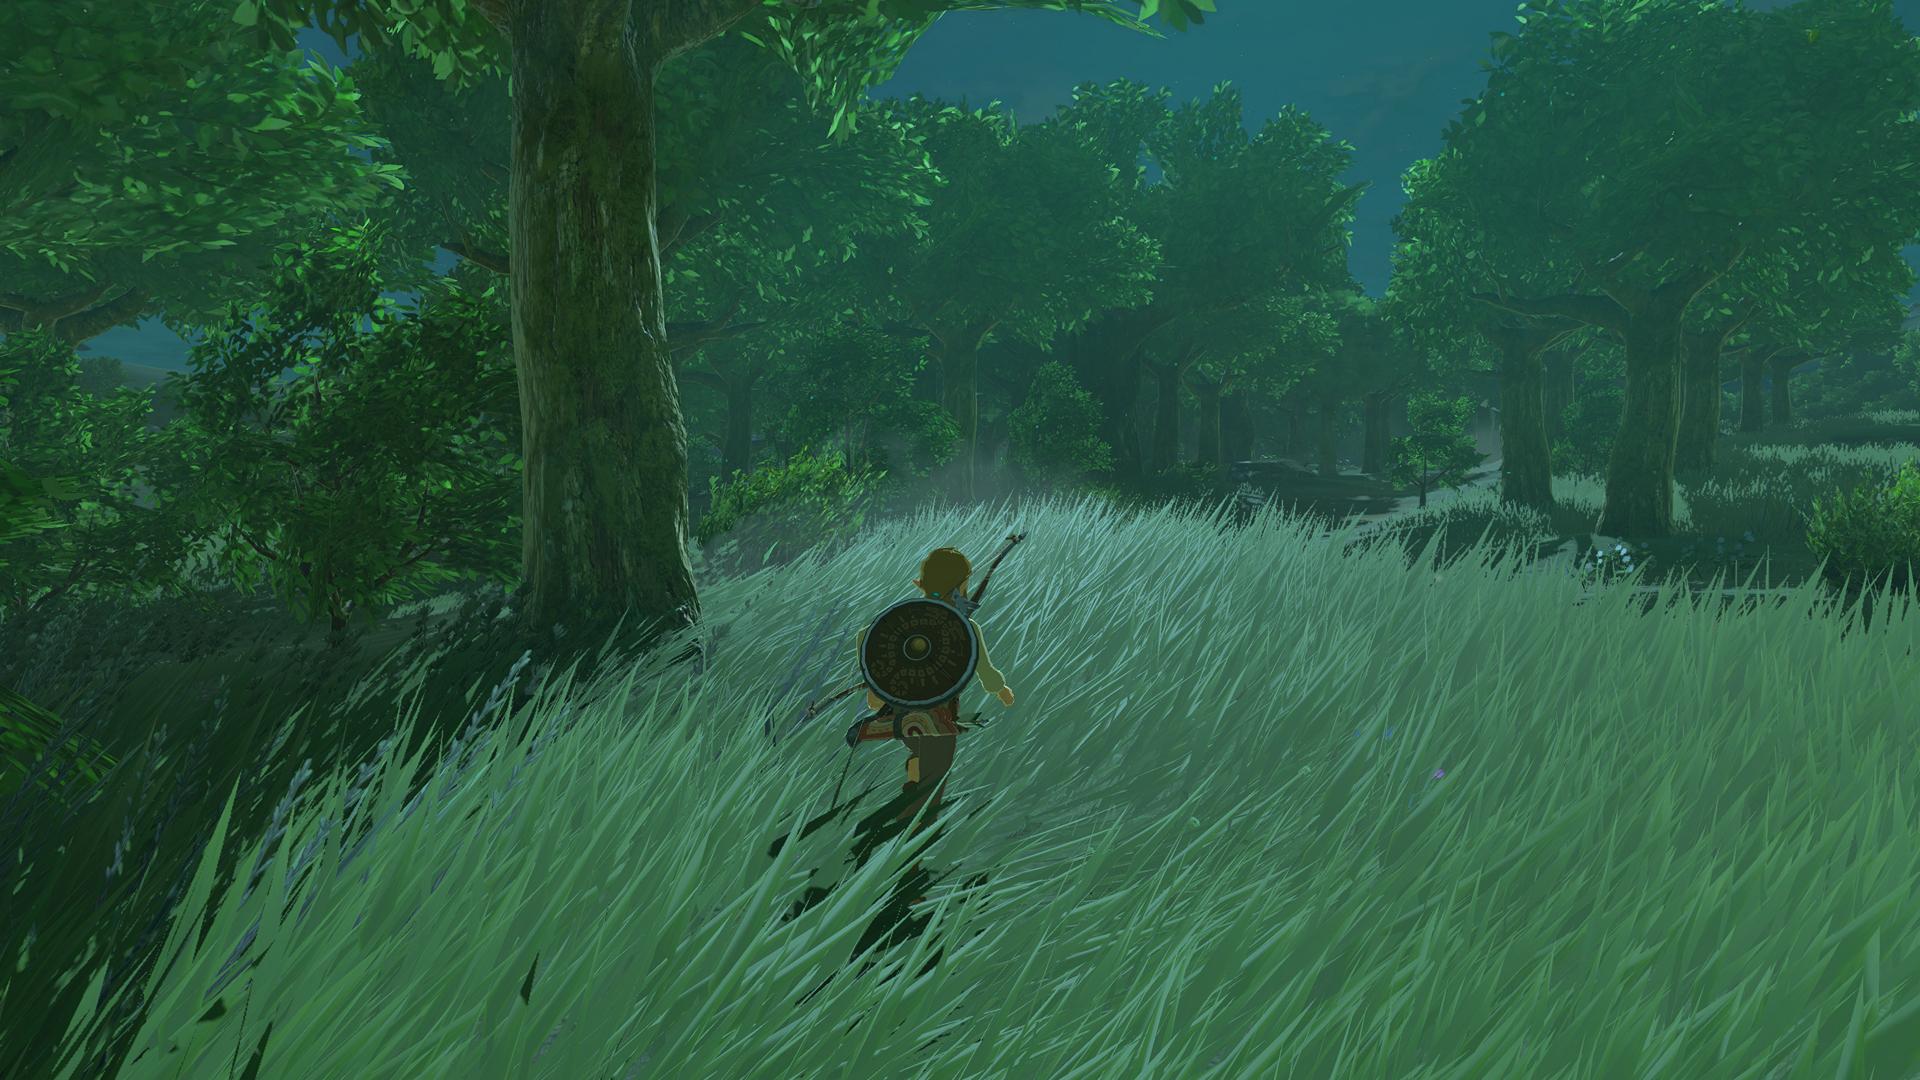 CEMU |OT| Wii U in Full Glory | ResetEra